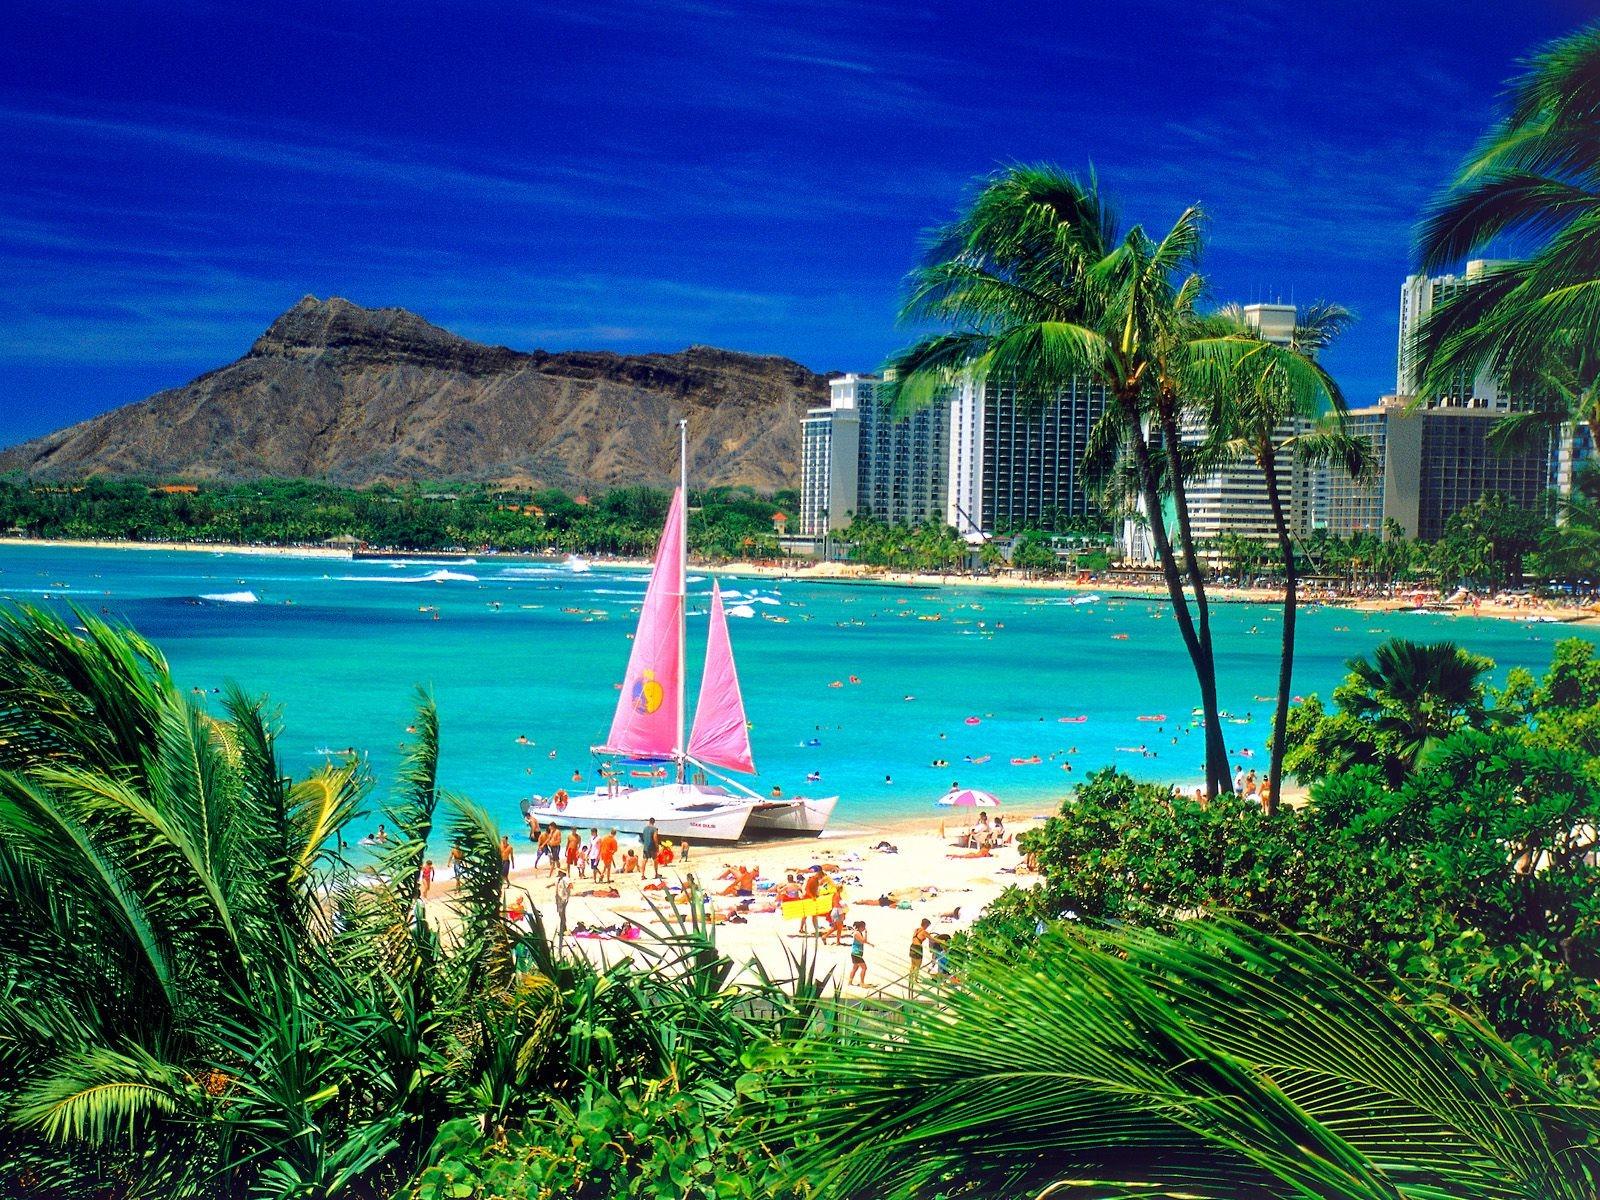 Waikiki Beach Wallpaper Hd: La Dolce Vida : Waikiki, Oahu, Hawaii